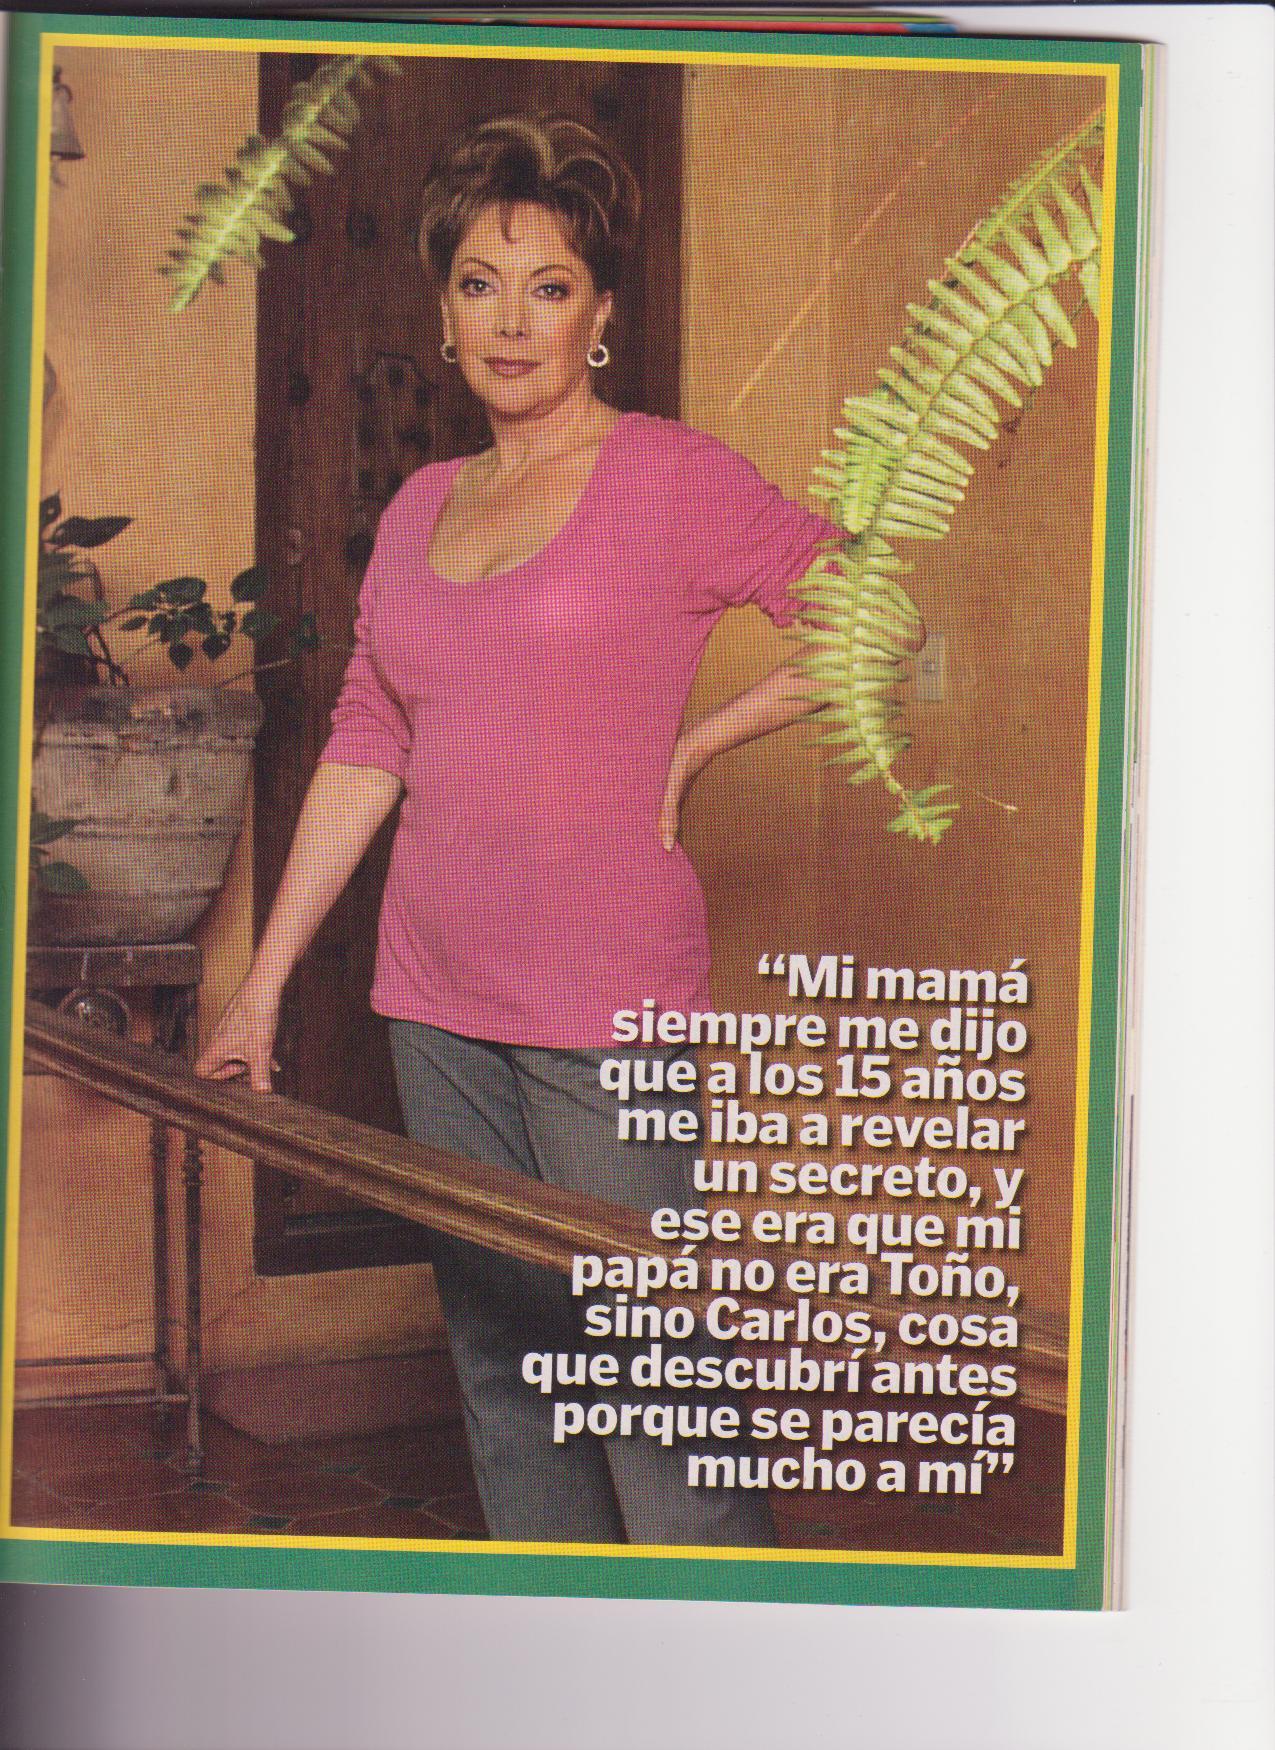 Жаклин Андере / Jacqueline Andere 024de9ce6bc80fcf2fc48154865c